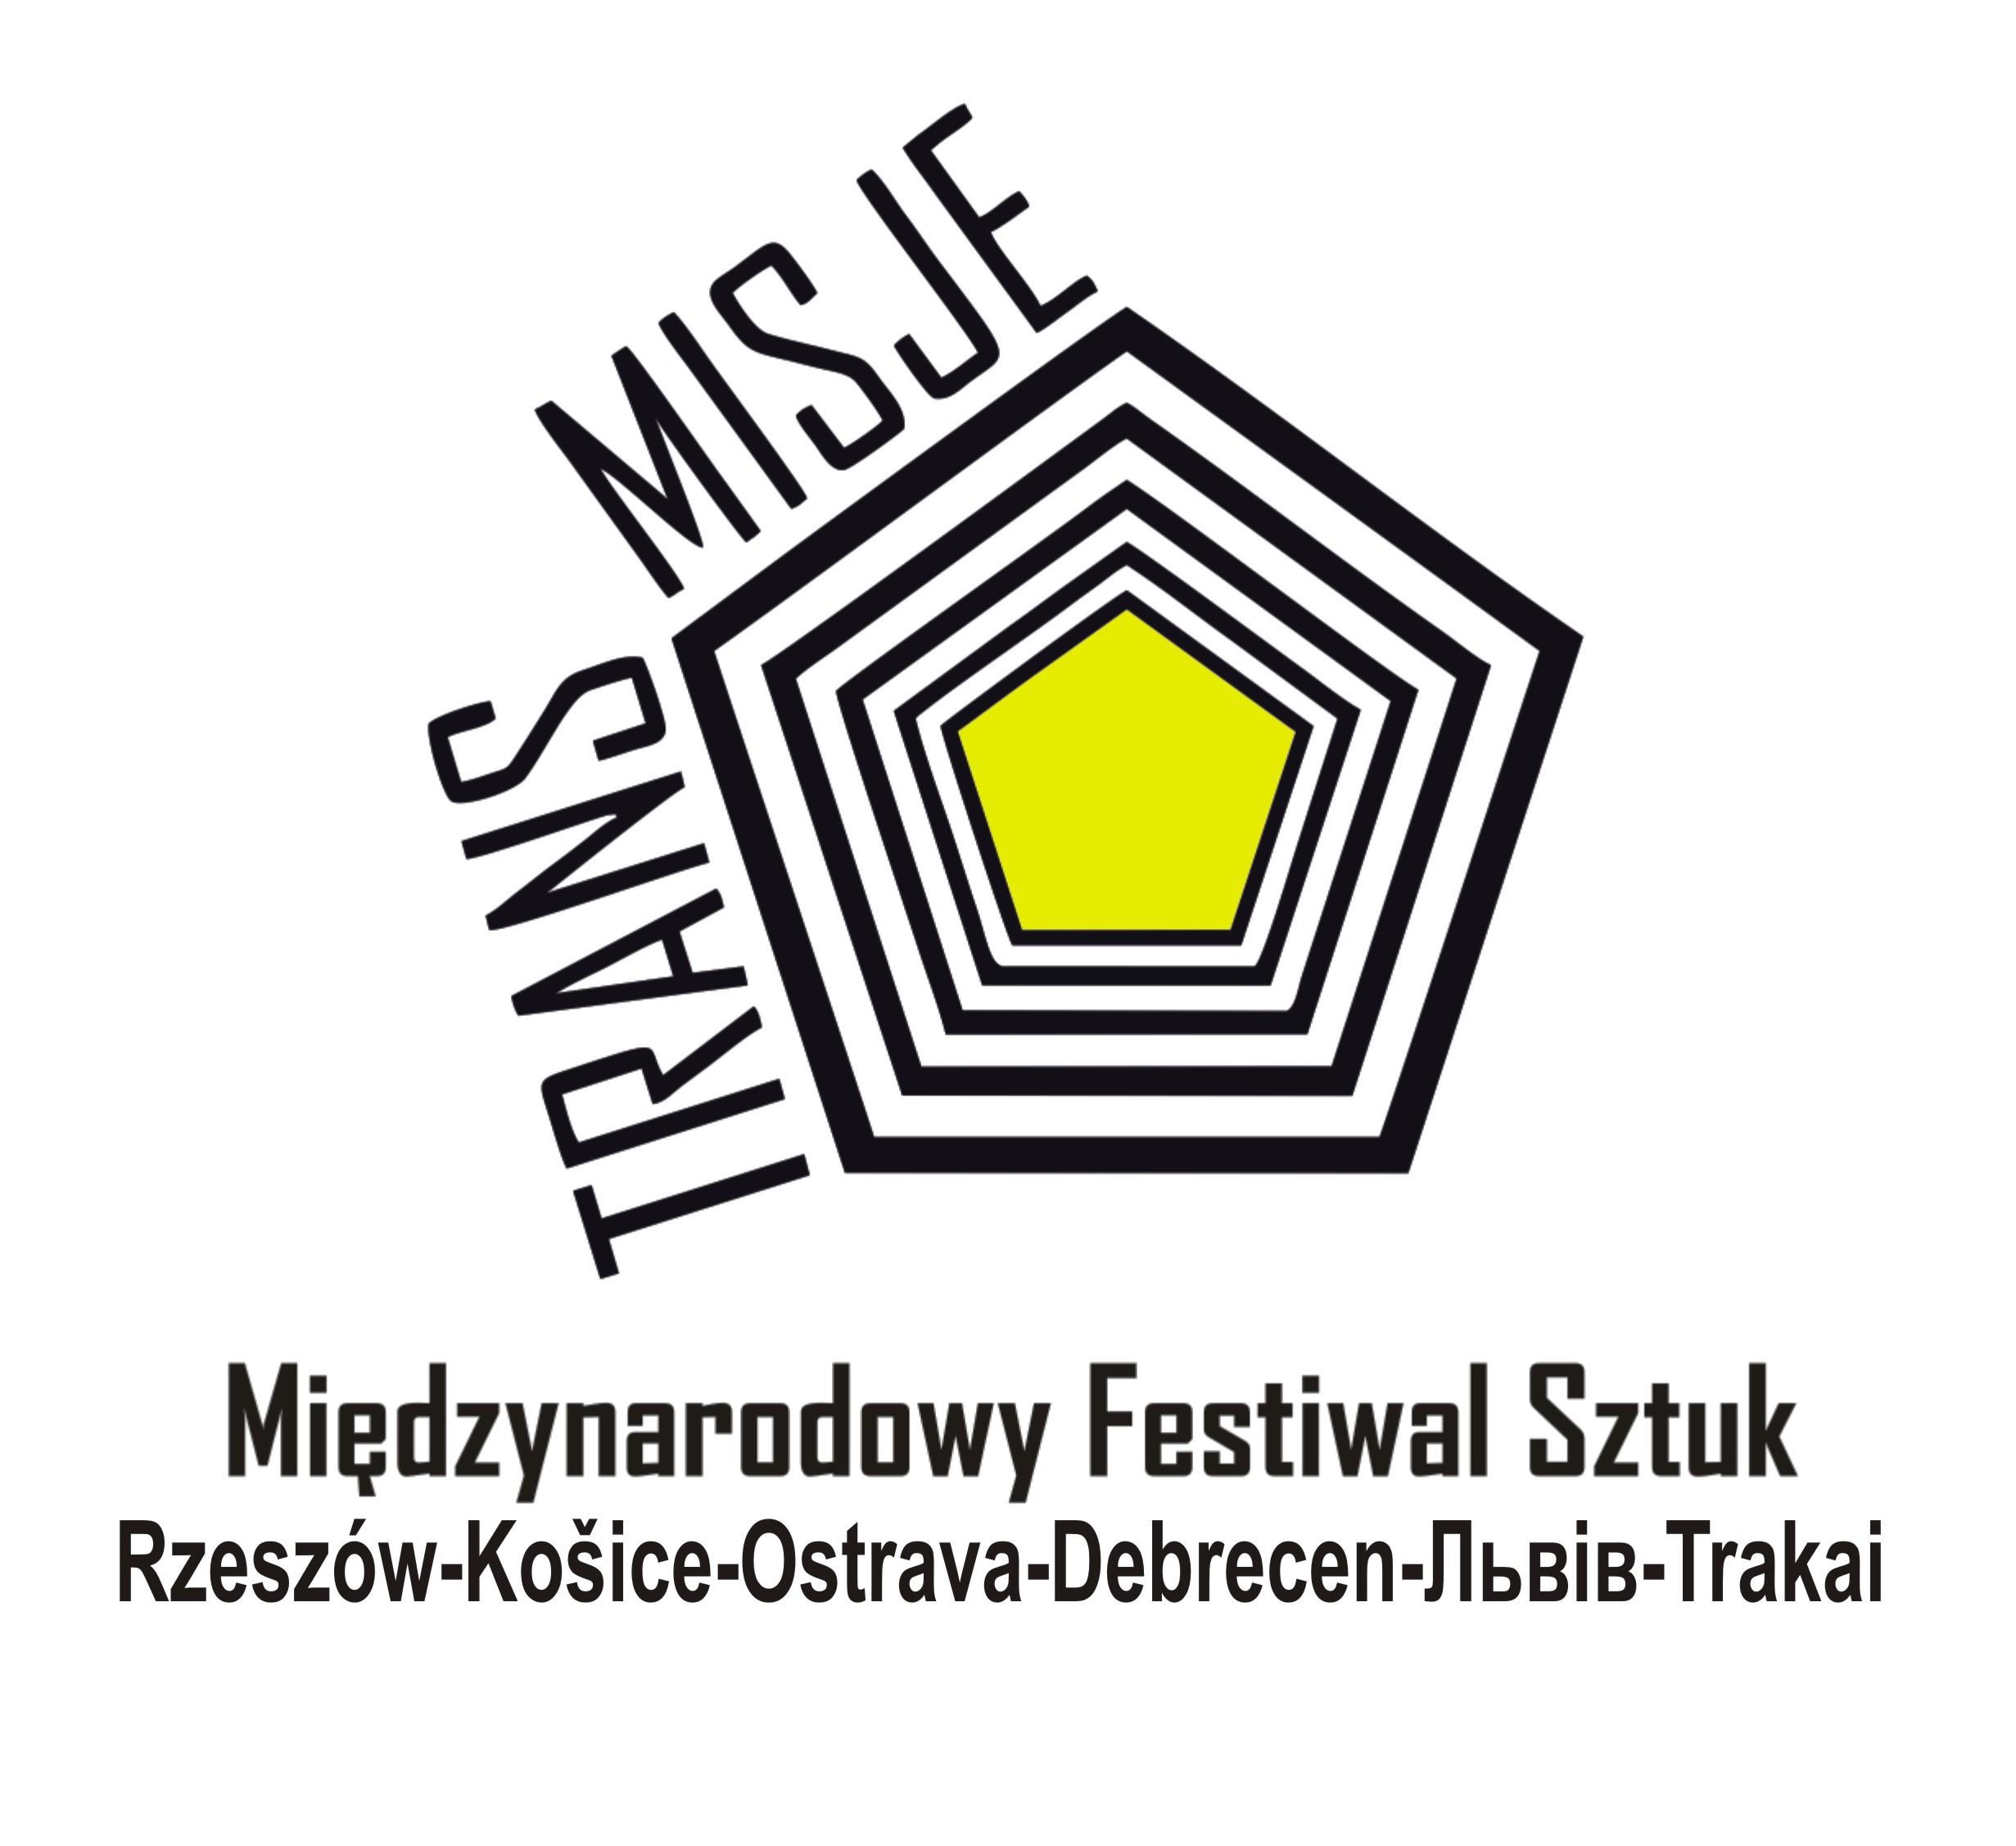 Zostań wolontariuszem na Międzynarodowym Festiwalu Sztuk TRANS/MISJE!